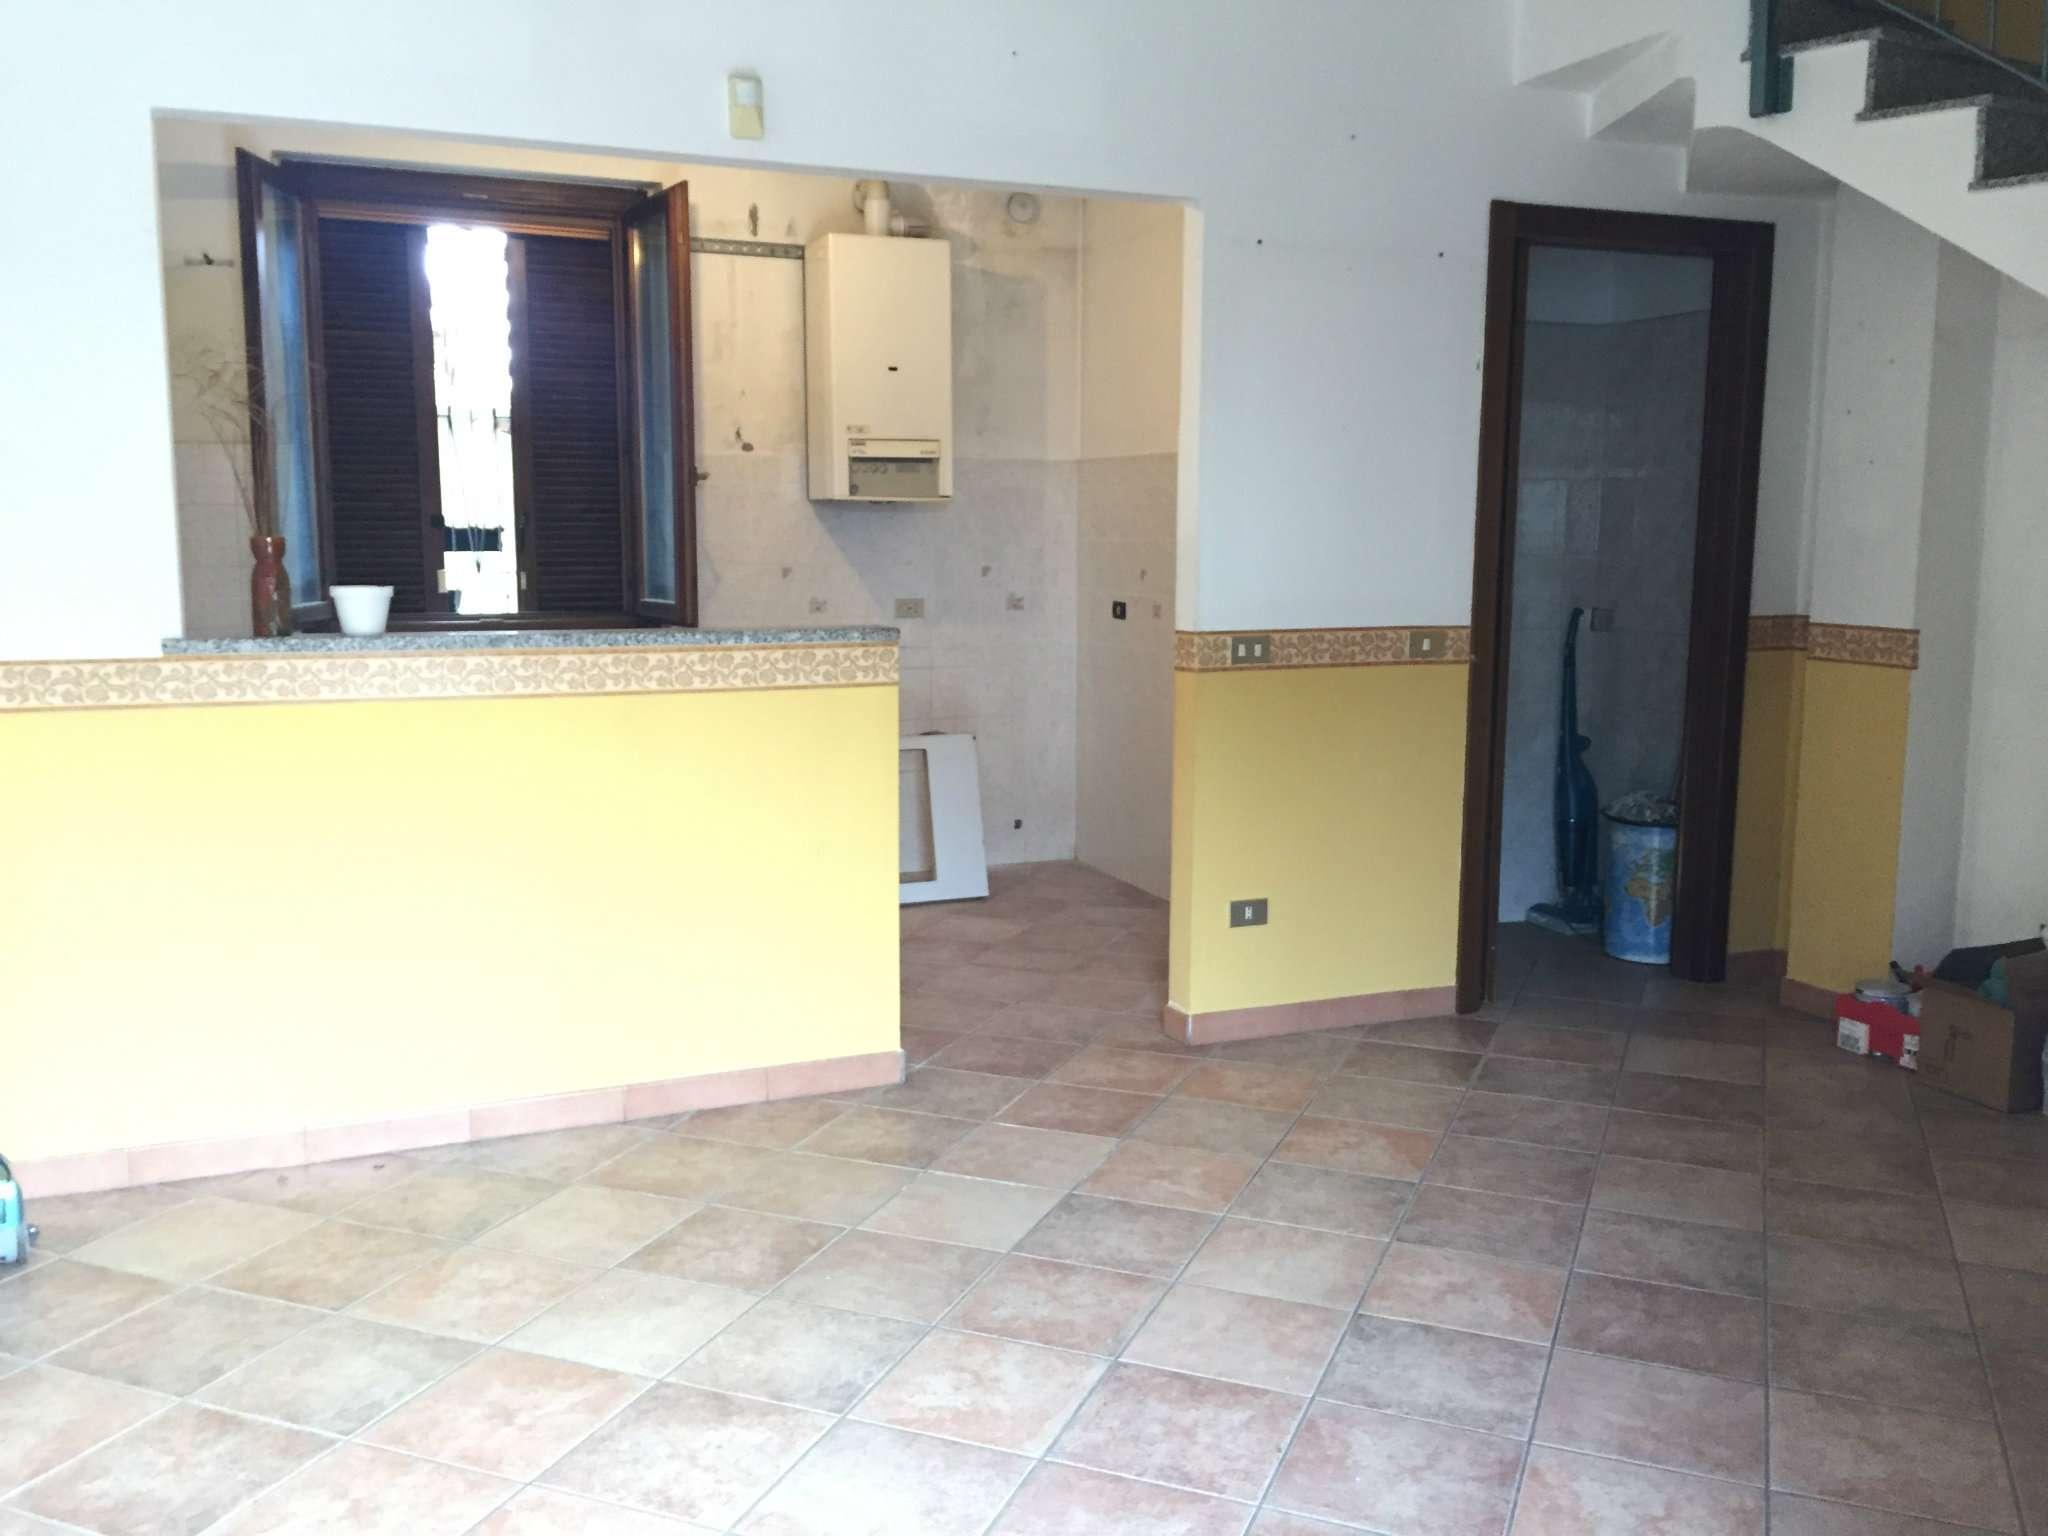 Appartamento in vendita a Bubbiano, 3 locali, prezzo € 95.000 | CambioCasa.it